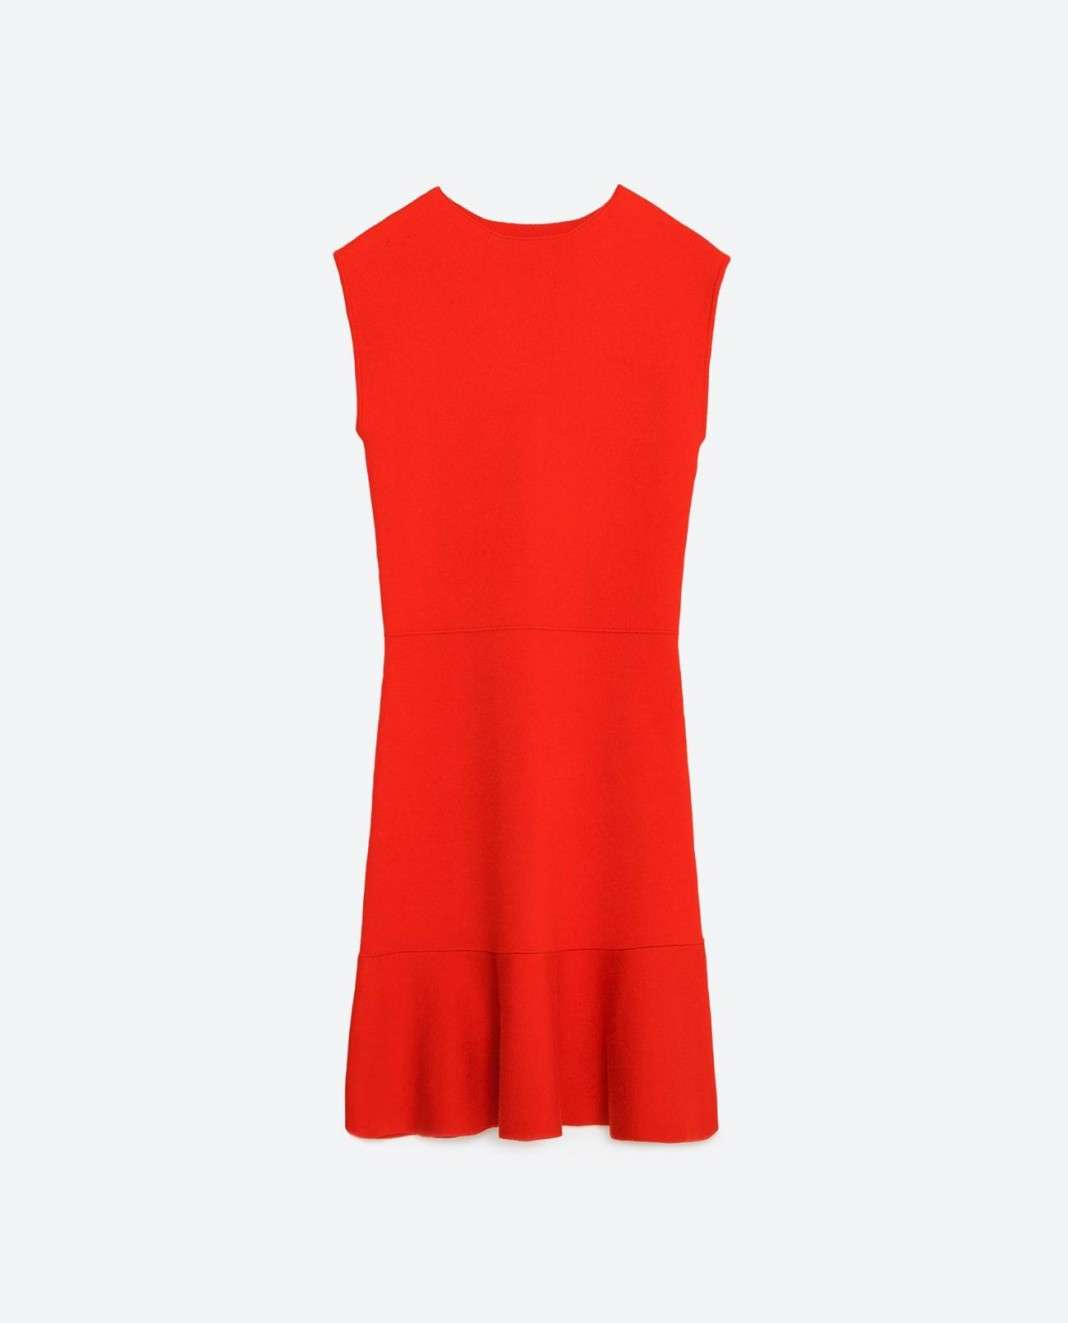 vestidos de Zara para el verano 2016 rojo volante